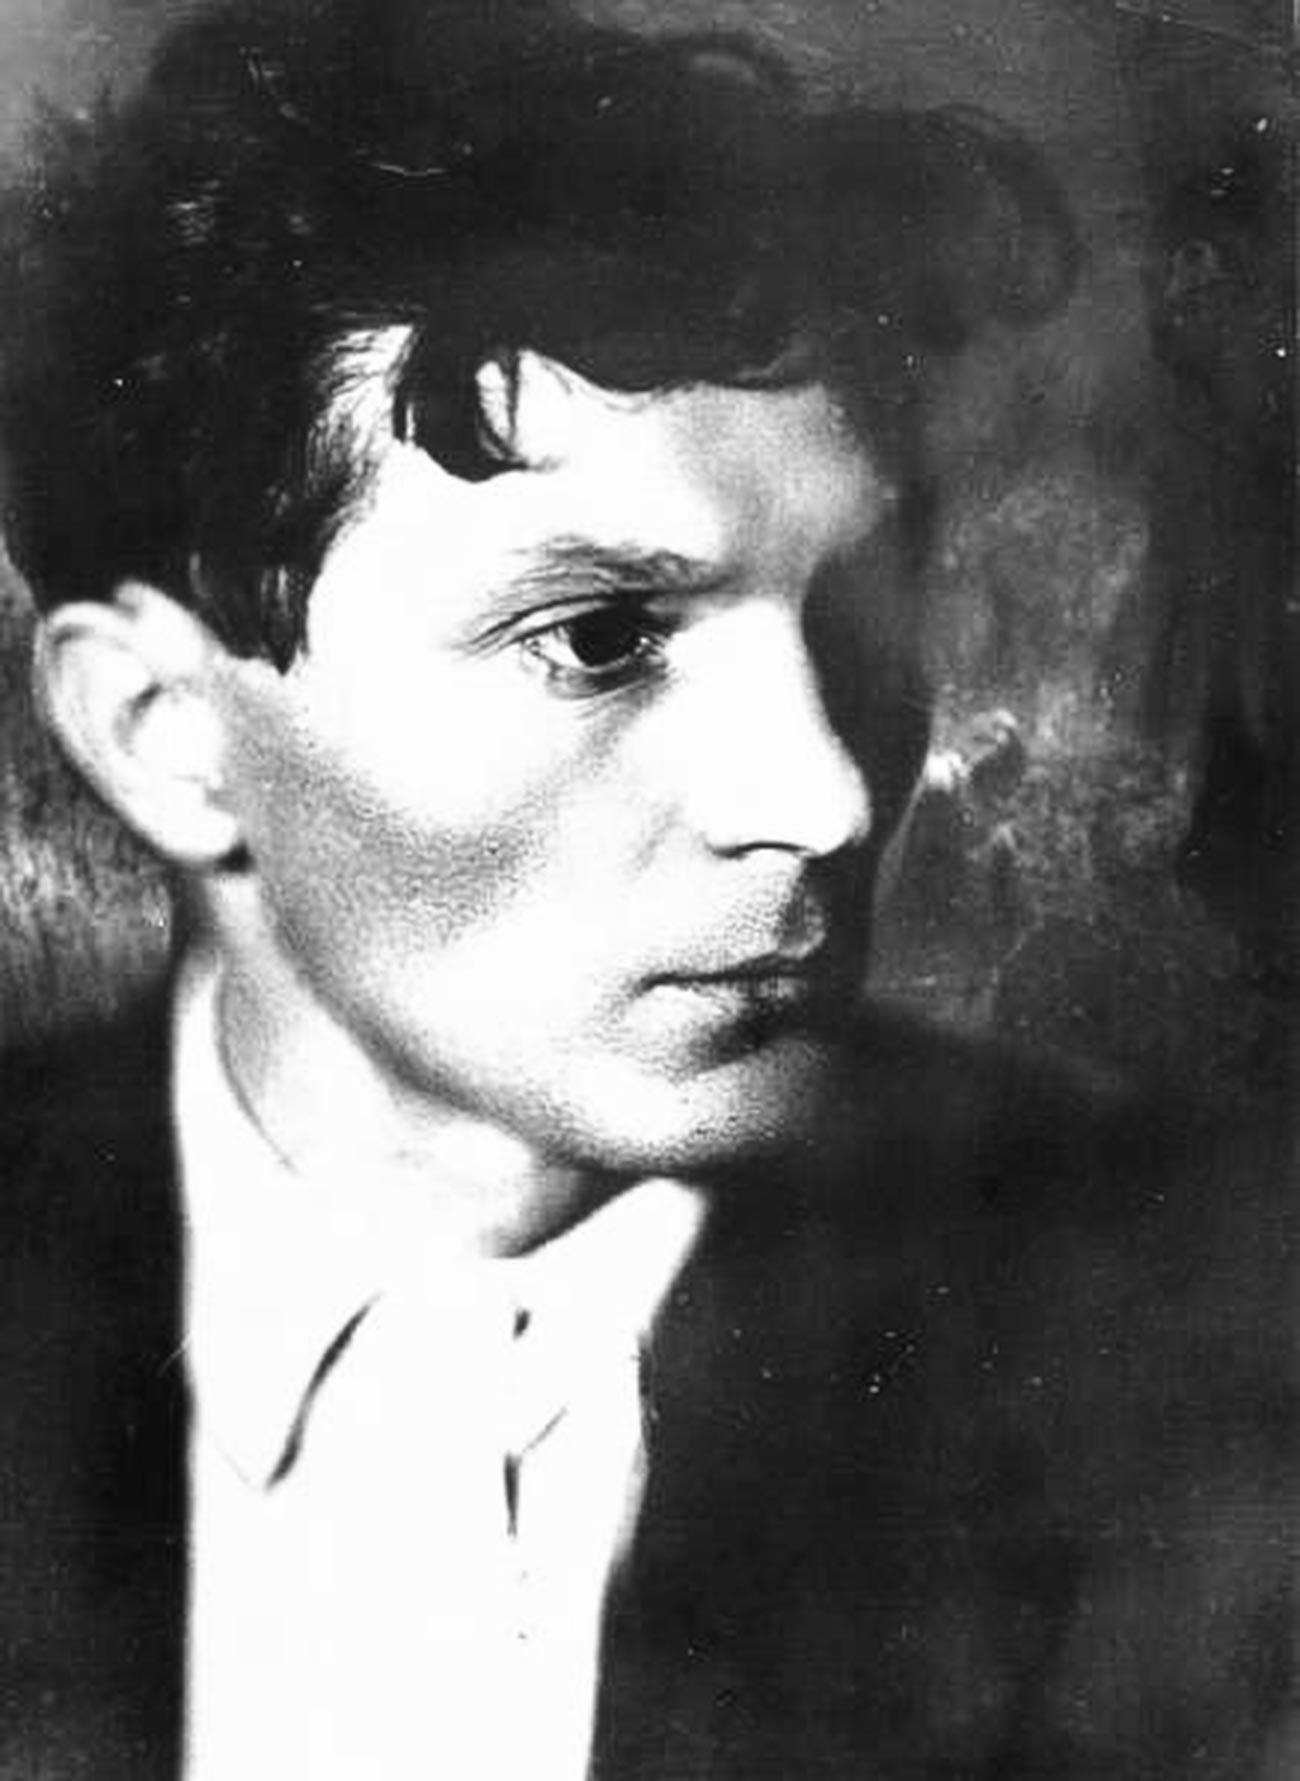 El director de cine Vsevolod Pudovkin, 1925